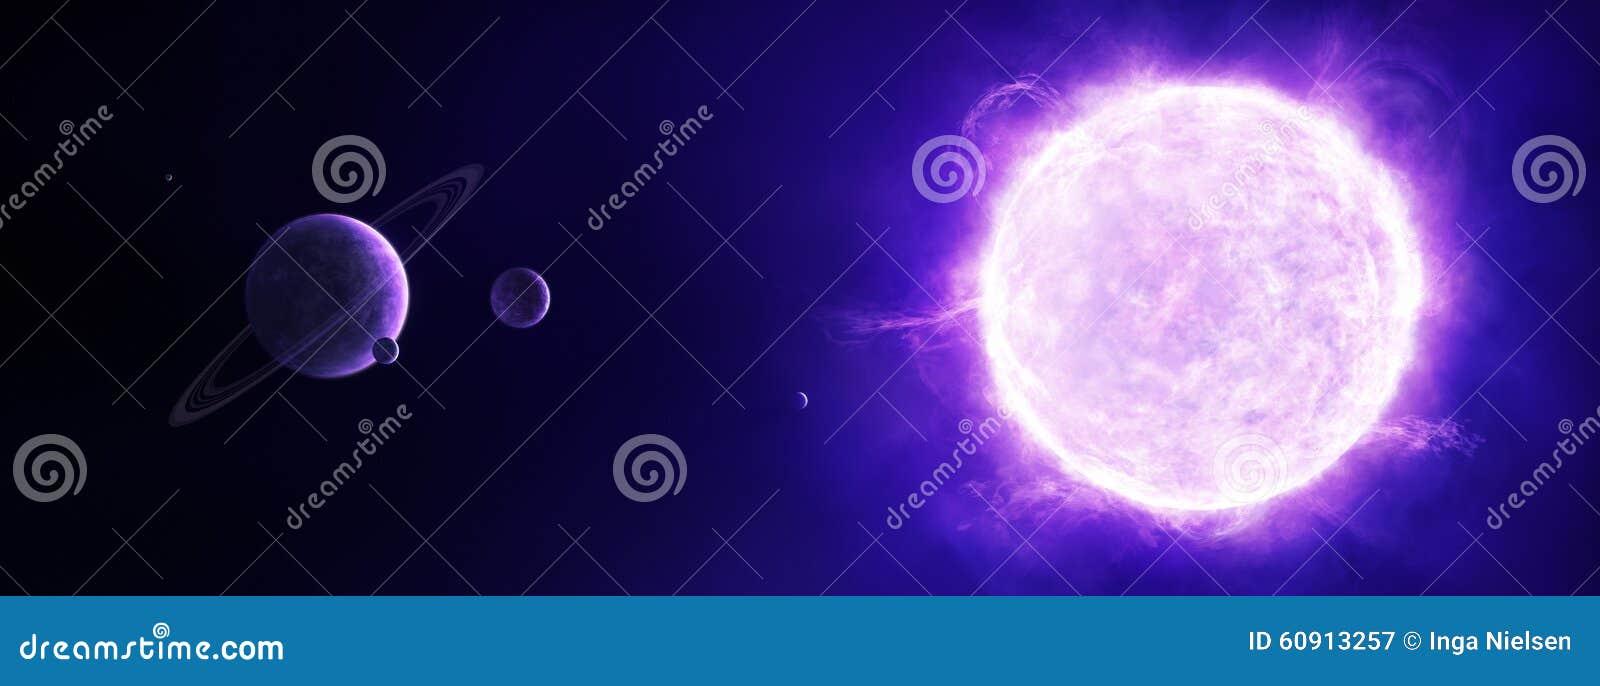 Le soleil pourpre dans l espace avec des planètes